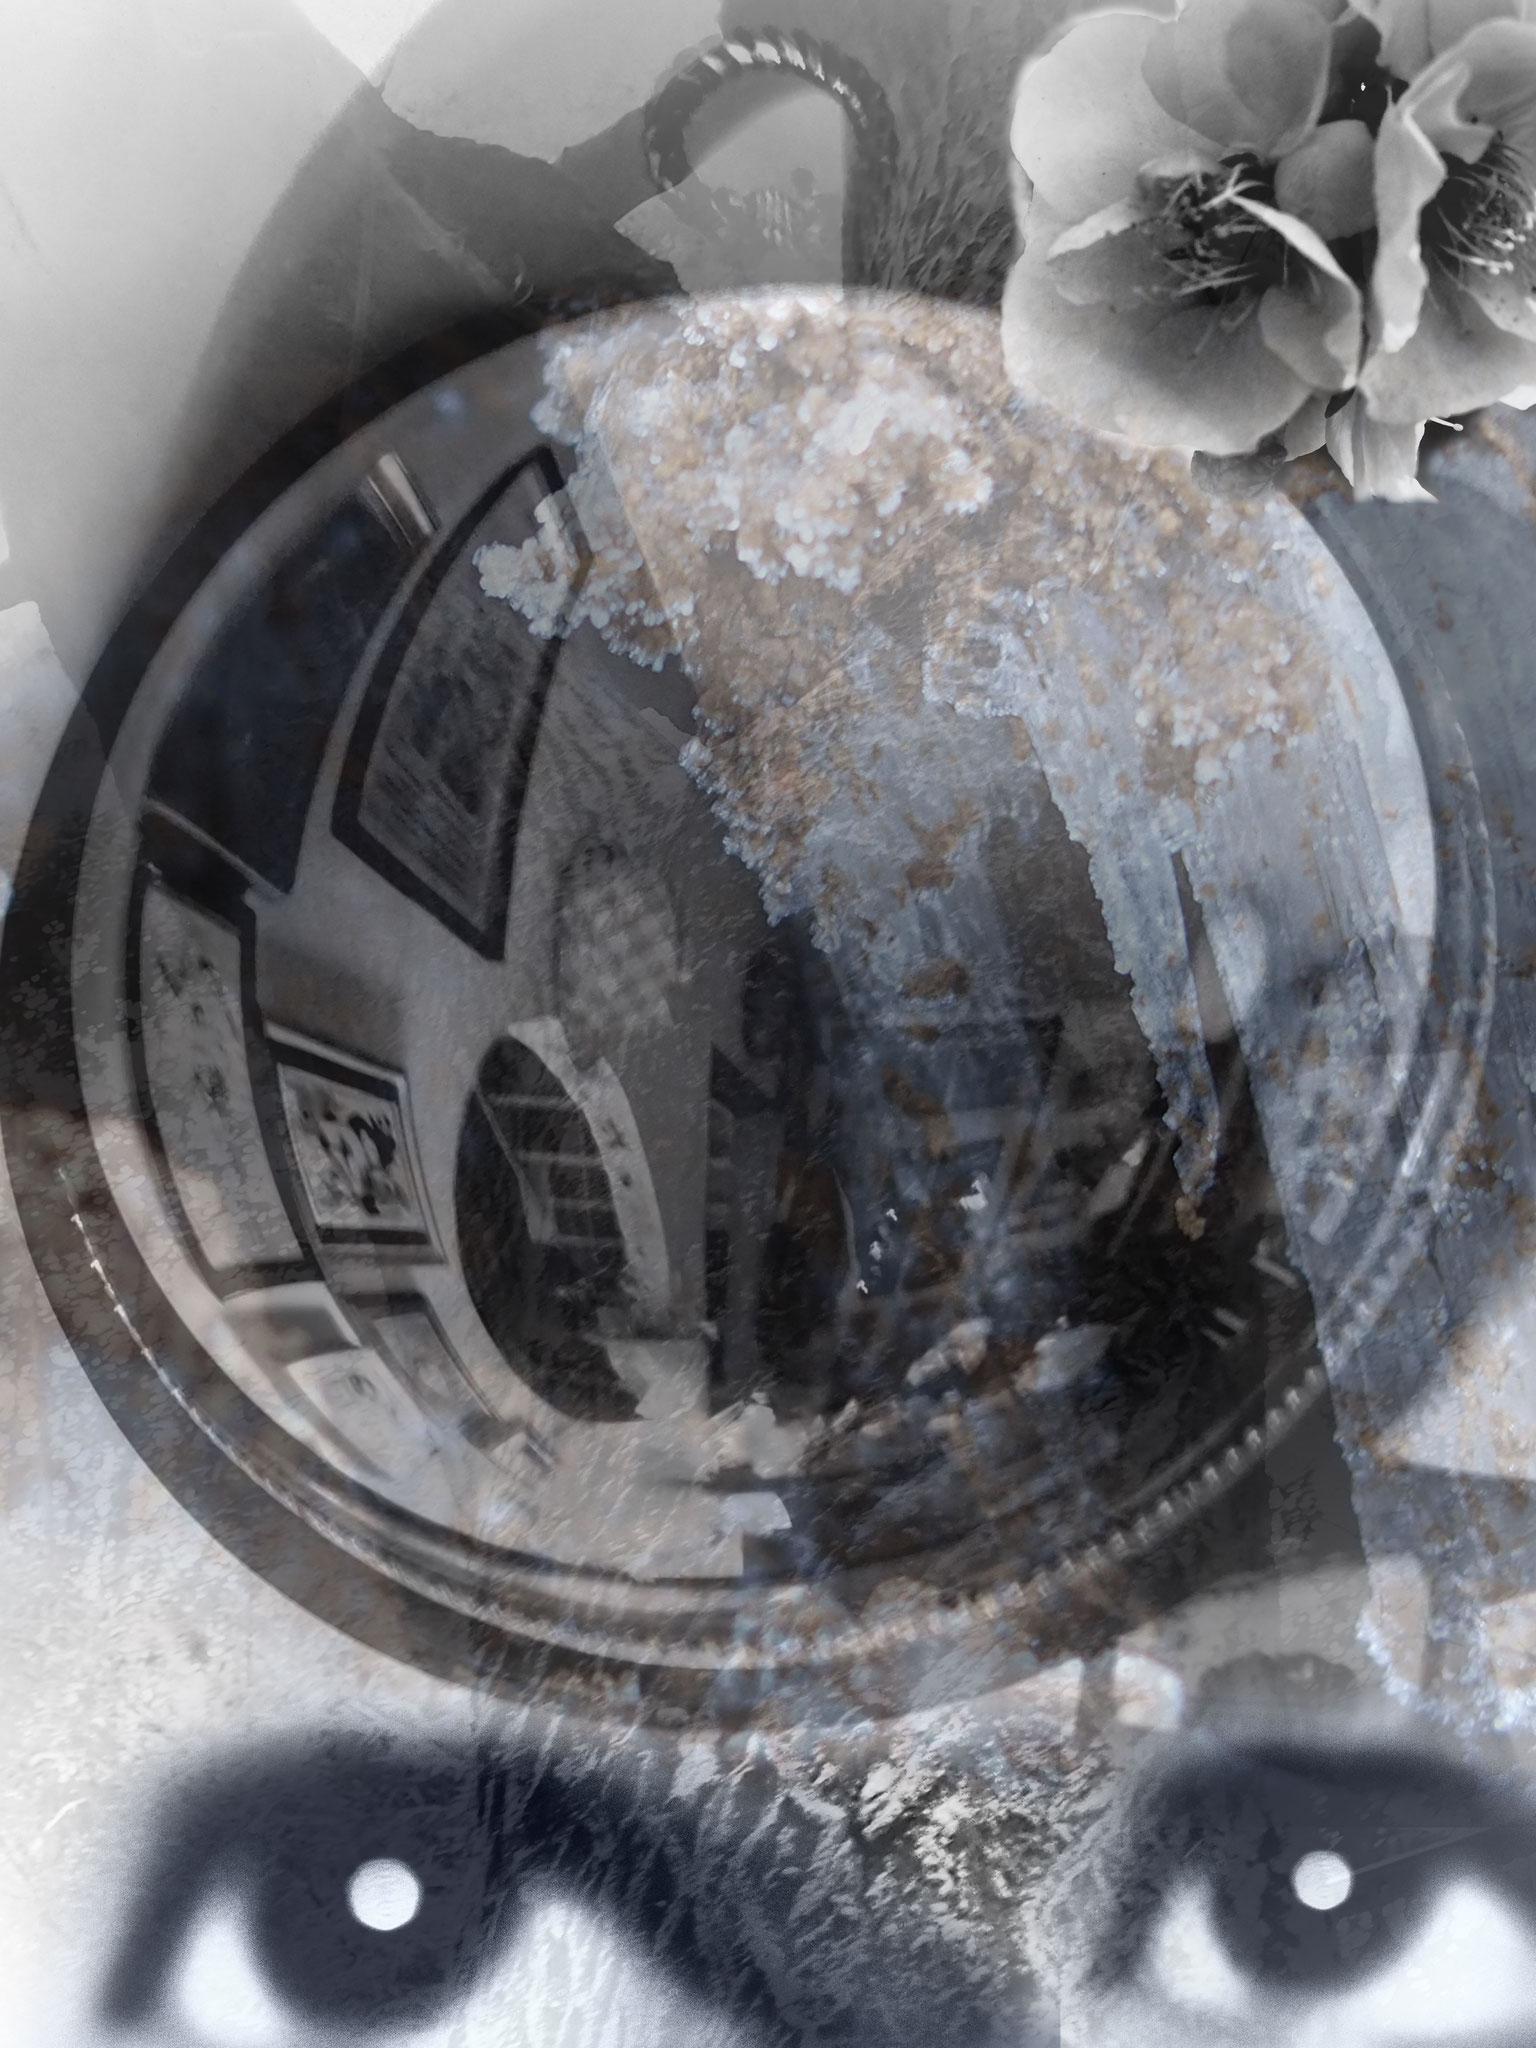 L'igloo                                   ©asanuma.brice.cecile